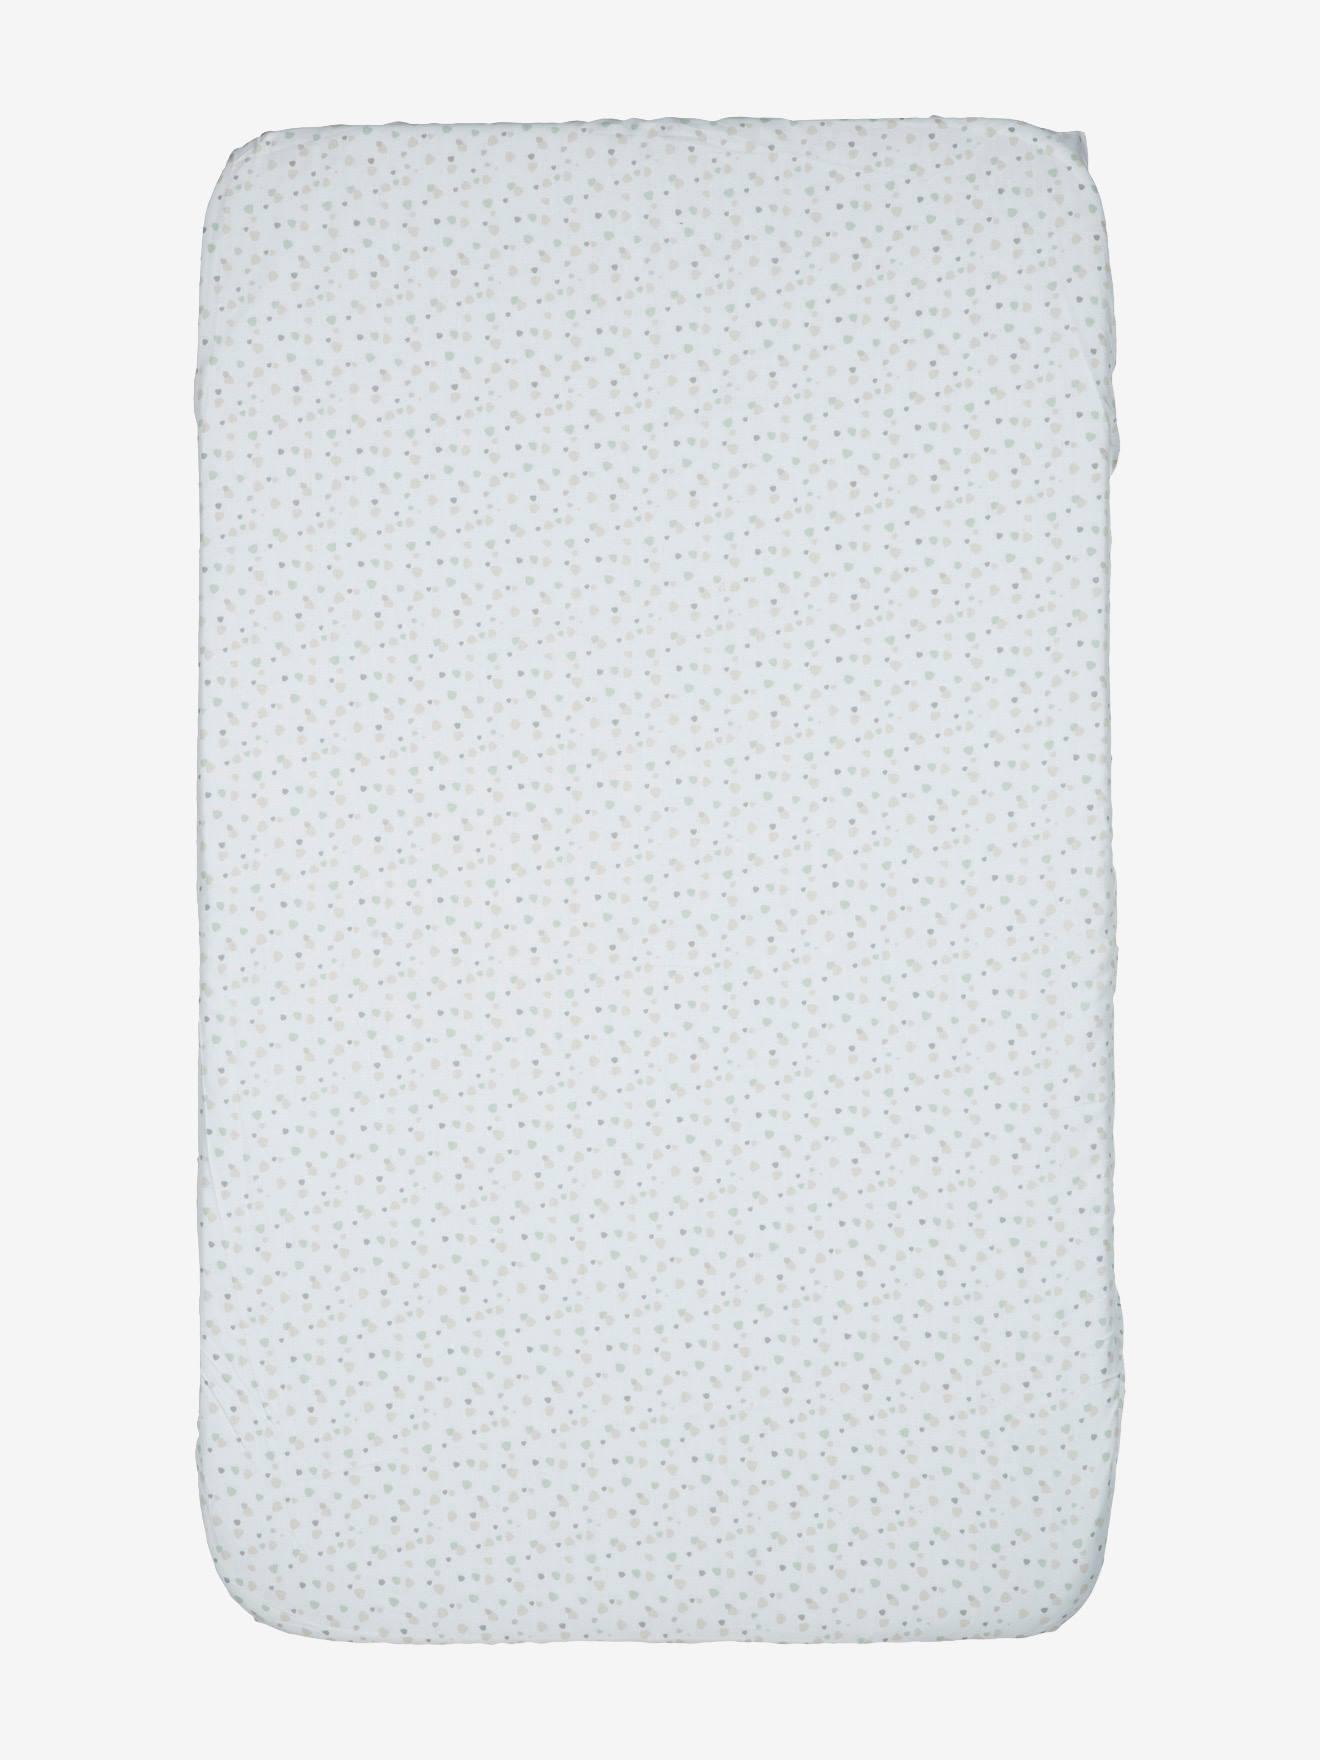 2/x drap-housse pour Berceau Chicco next2me